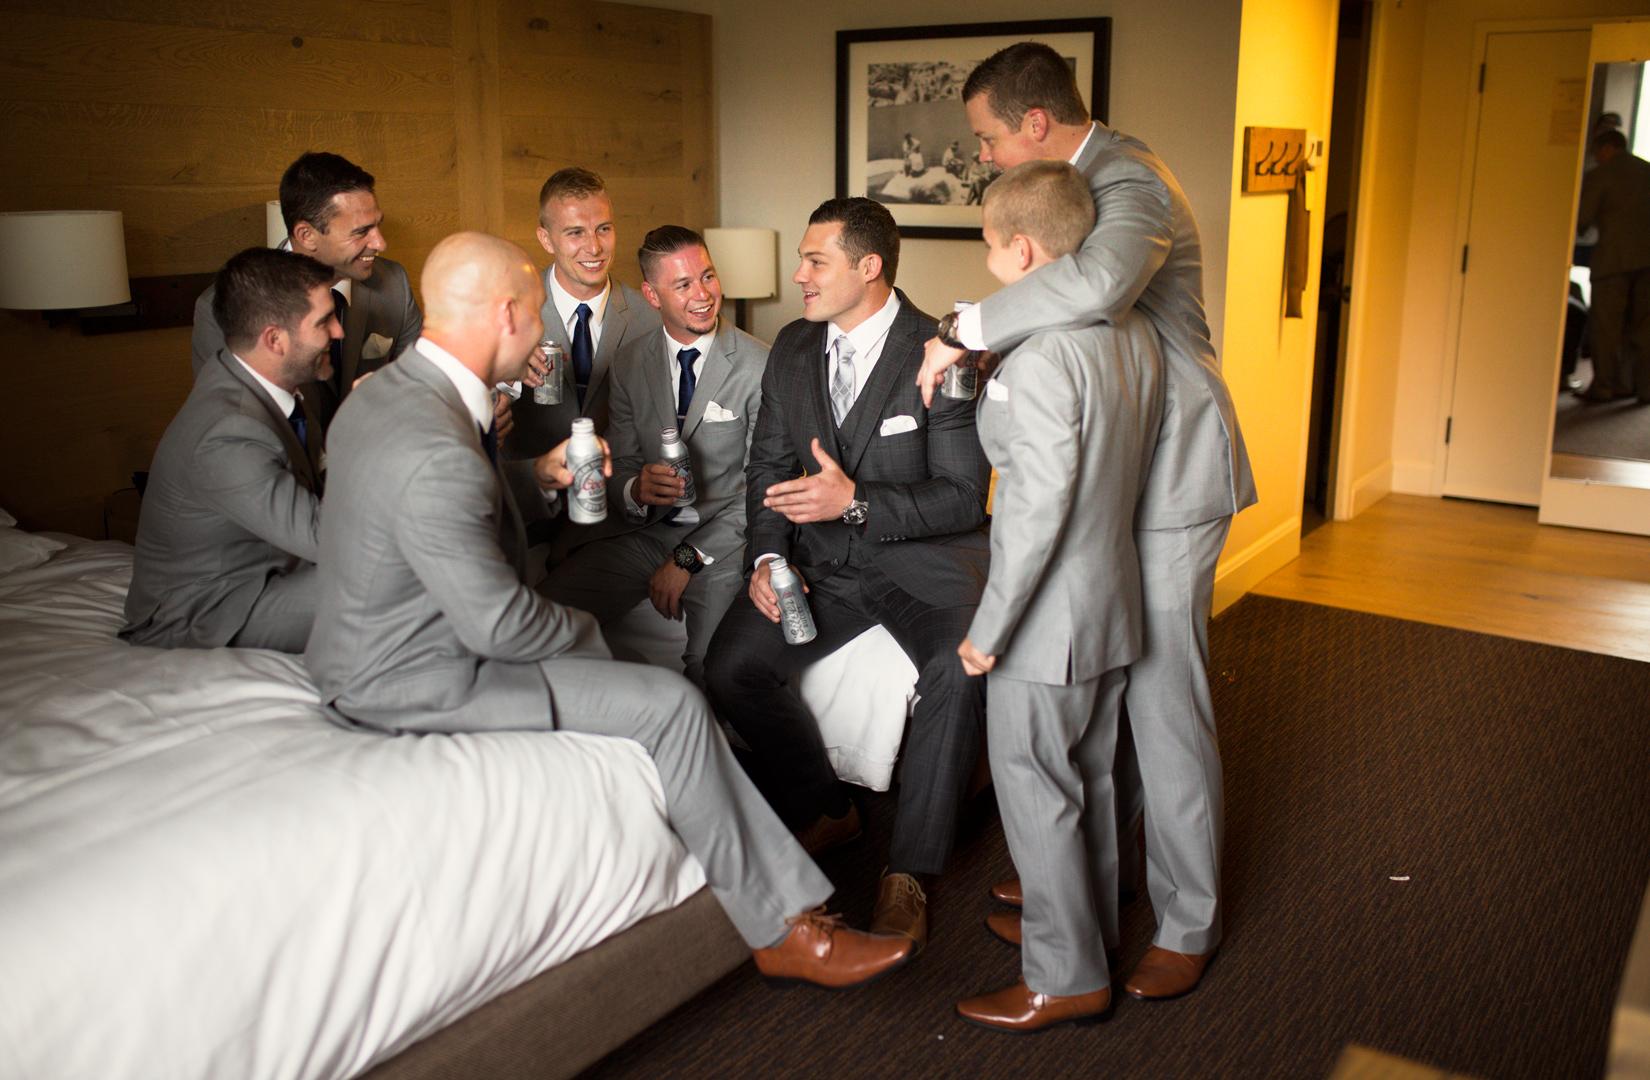 boys-chatting-wedding